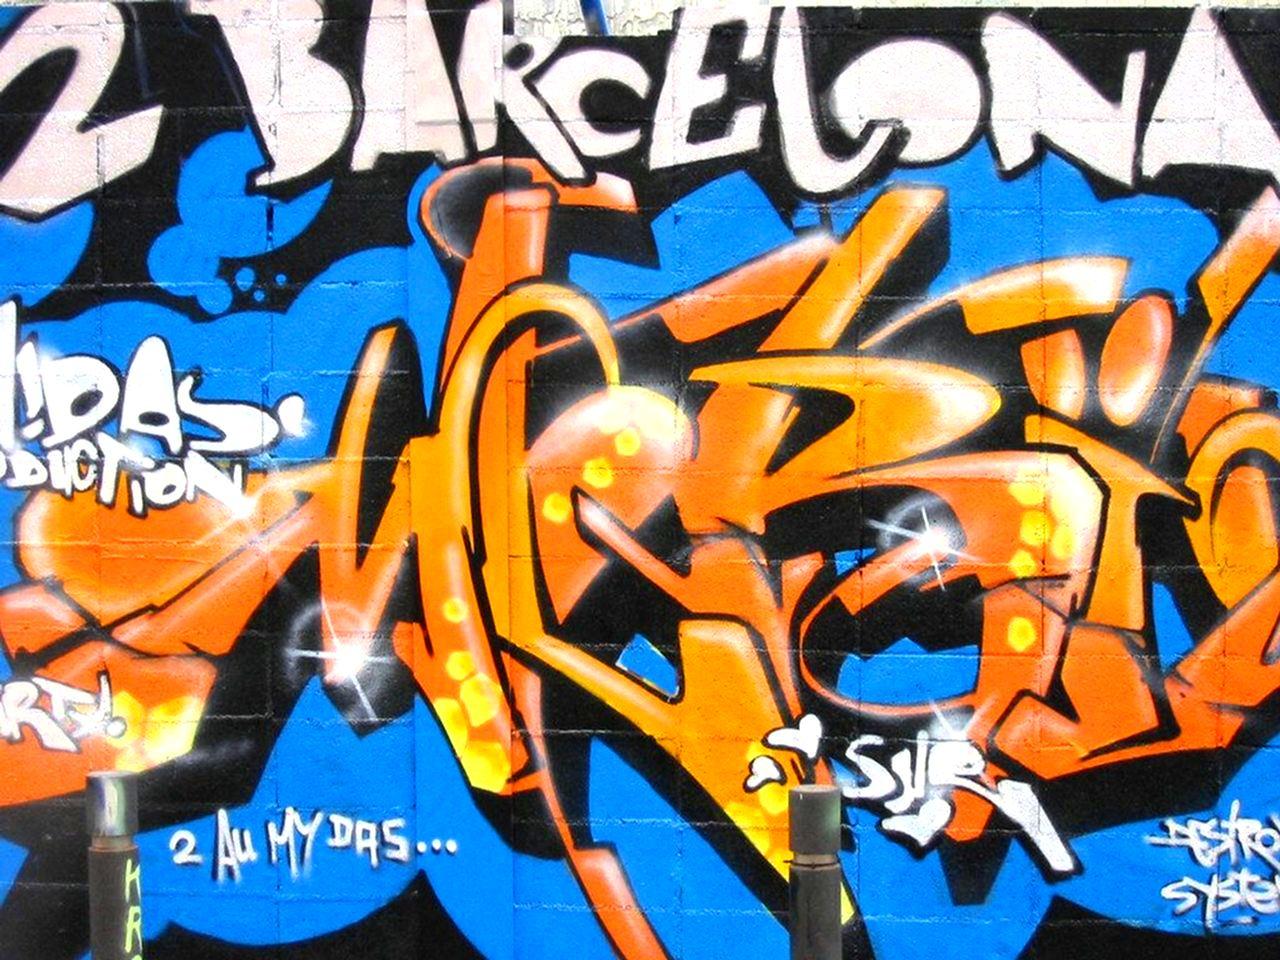 Graffiti creator image - Graffiti Street Graffiti Bubble Graffiti Graffiti Background Graffiti Tattoo Graffiti Creator